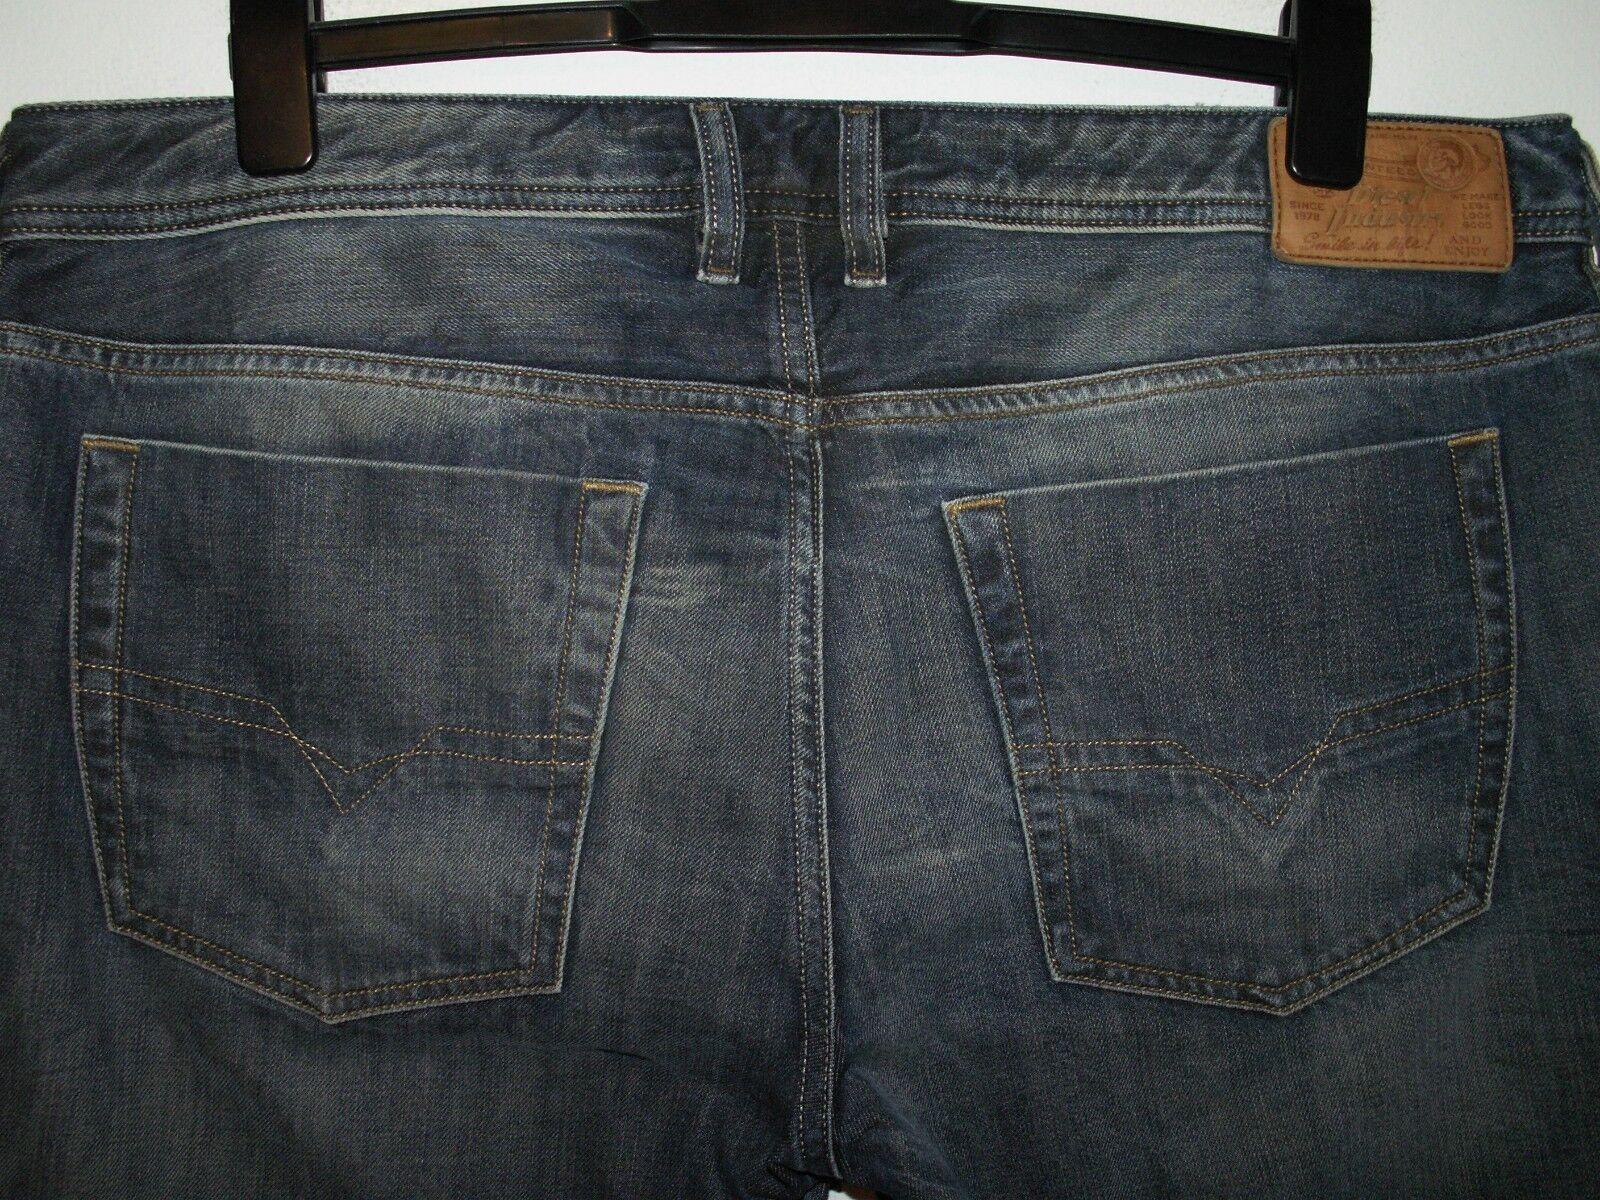 Diesel zatiny Stiefelcut jeans wash 0803M 0803M 0803M W38 L32 (a3512)  | Billiger als der Preis  | Überlegene Qualität  | Haltbarkeit  d46a41